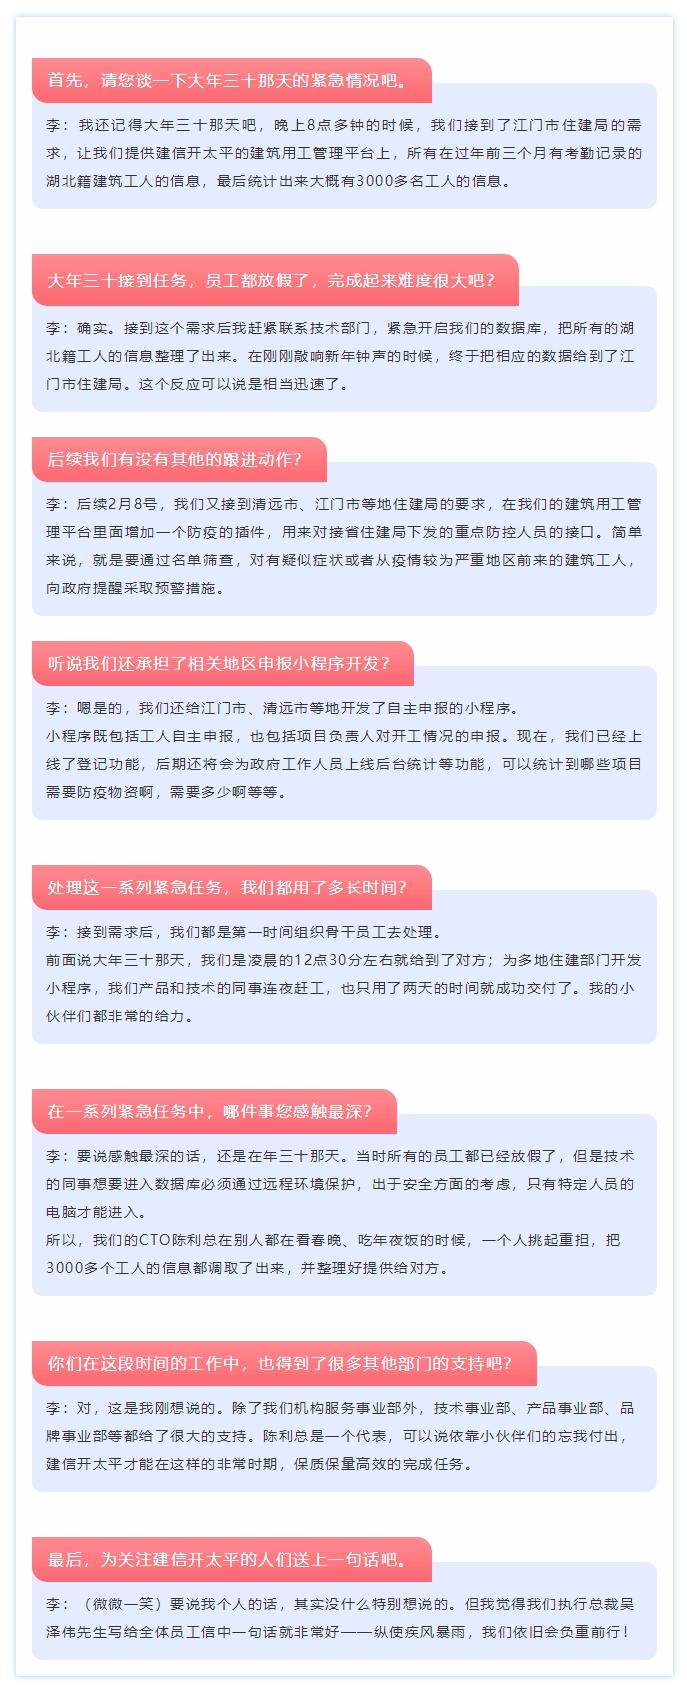 抗疫有我 _ 专访建信开太平机构服务事业部总经理李柏蓉女士_看图王.png